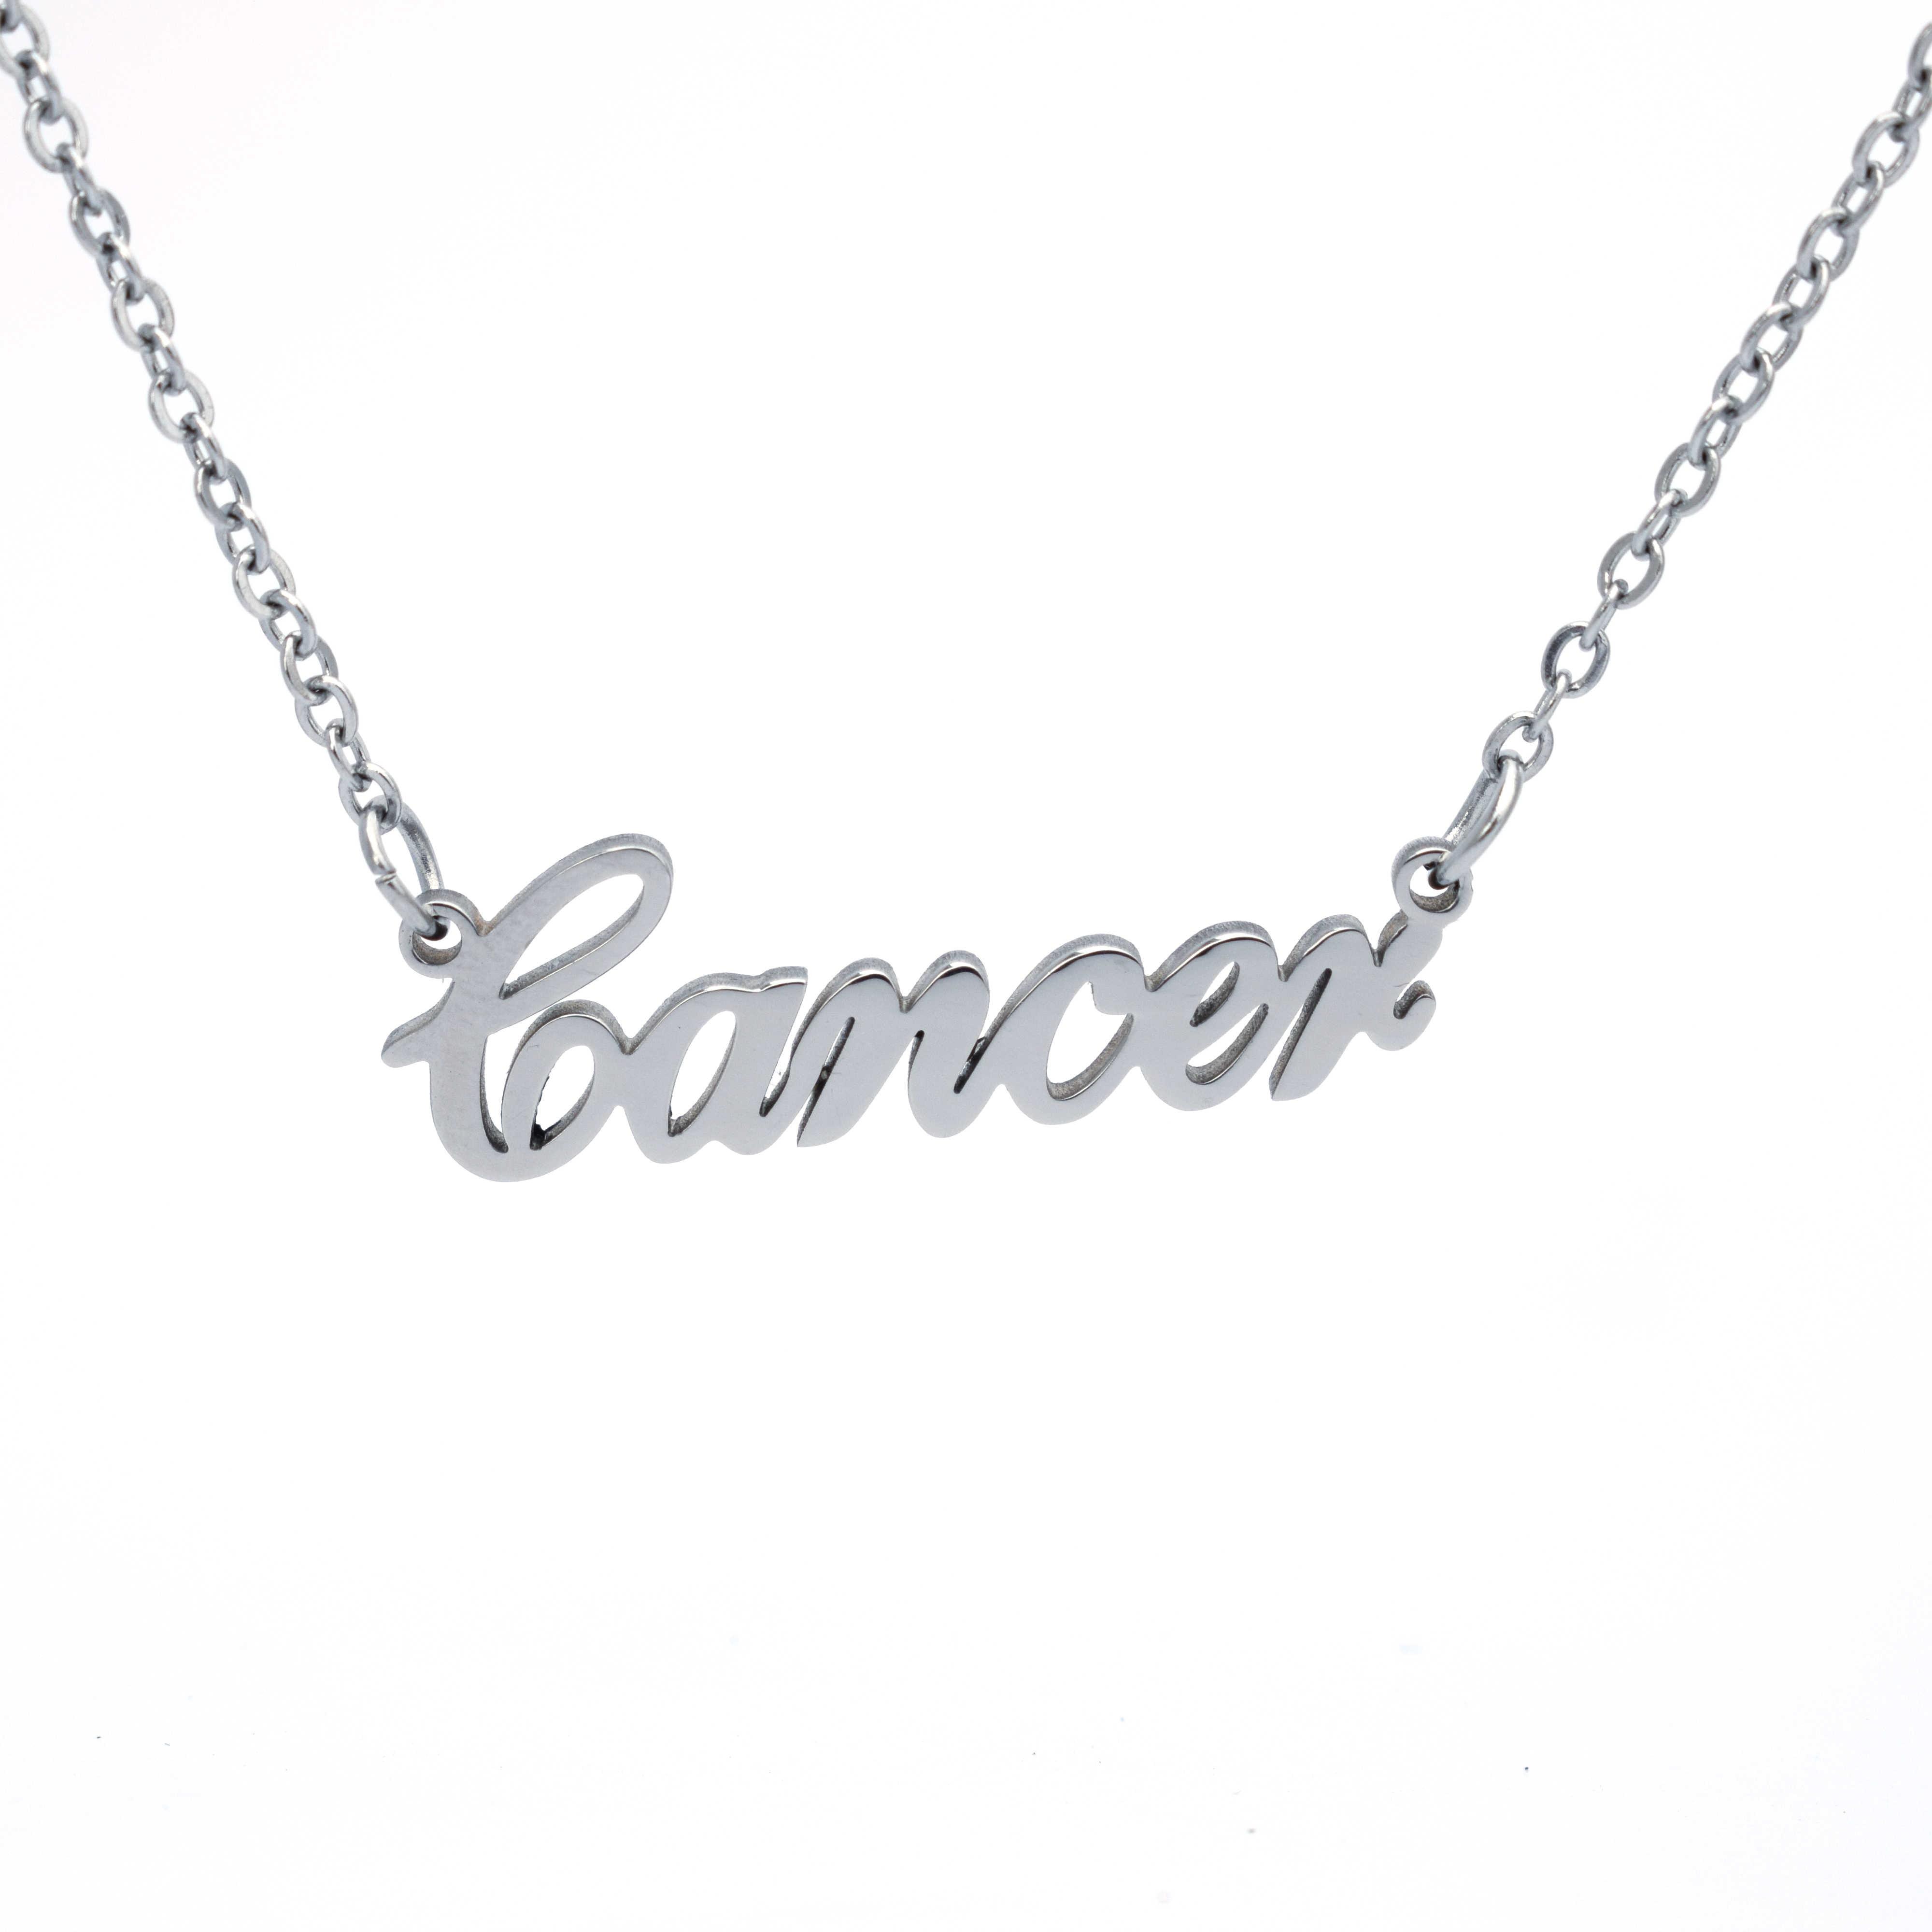 Aangepaste 12 Constellation Naam Hanger Ketting Voor Vrouwen Verjaardagscadeau Rvs Gepersonaliseerde Sieraden